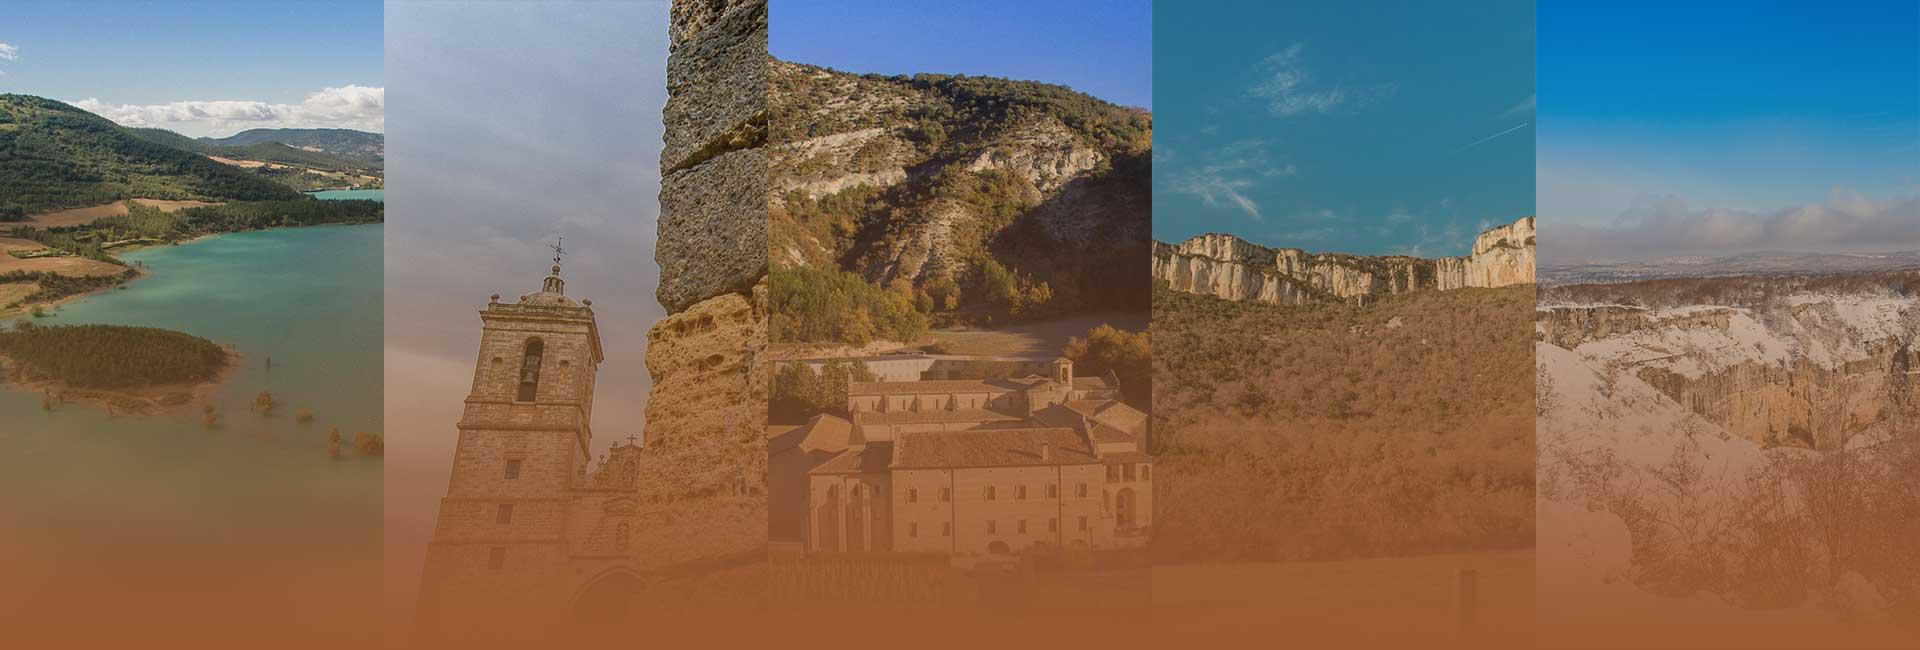 Turismo en Tierra Estella